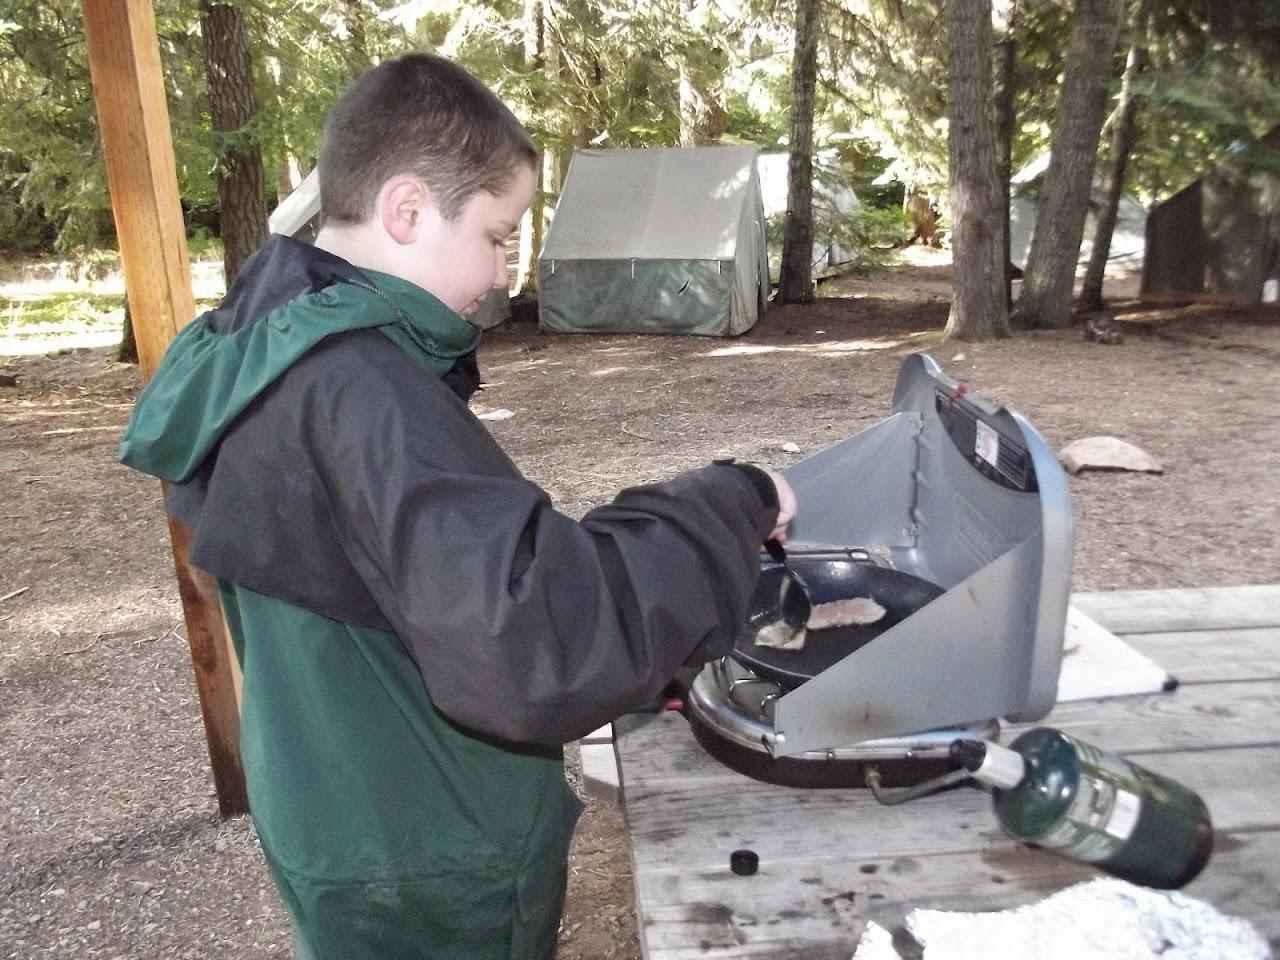 Camp Baldwin 2014 - DSCF3629.JPG